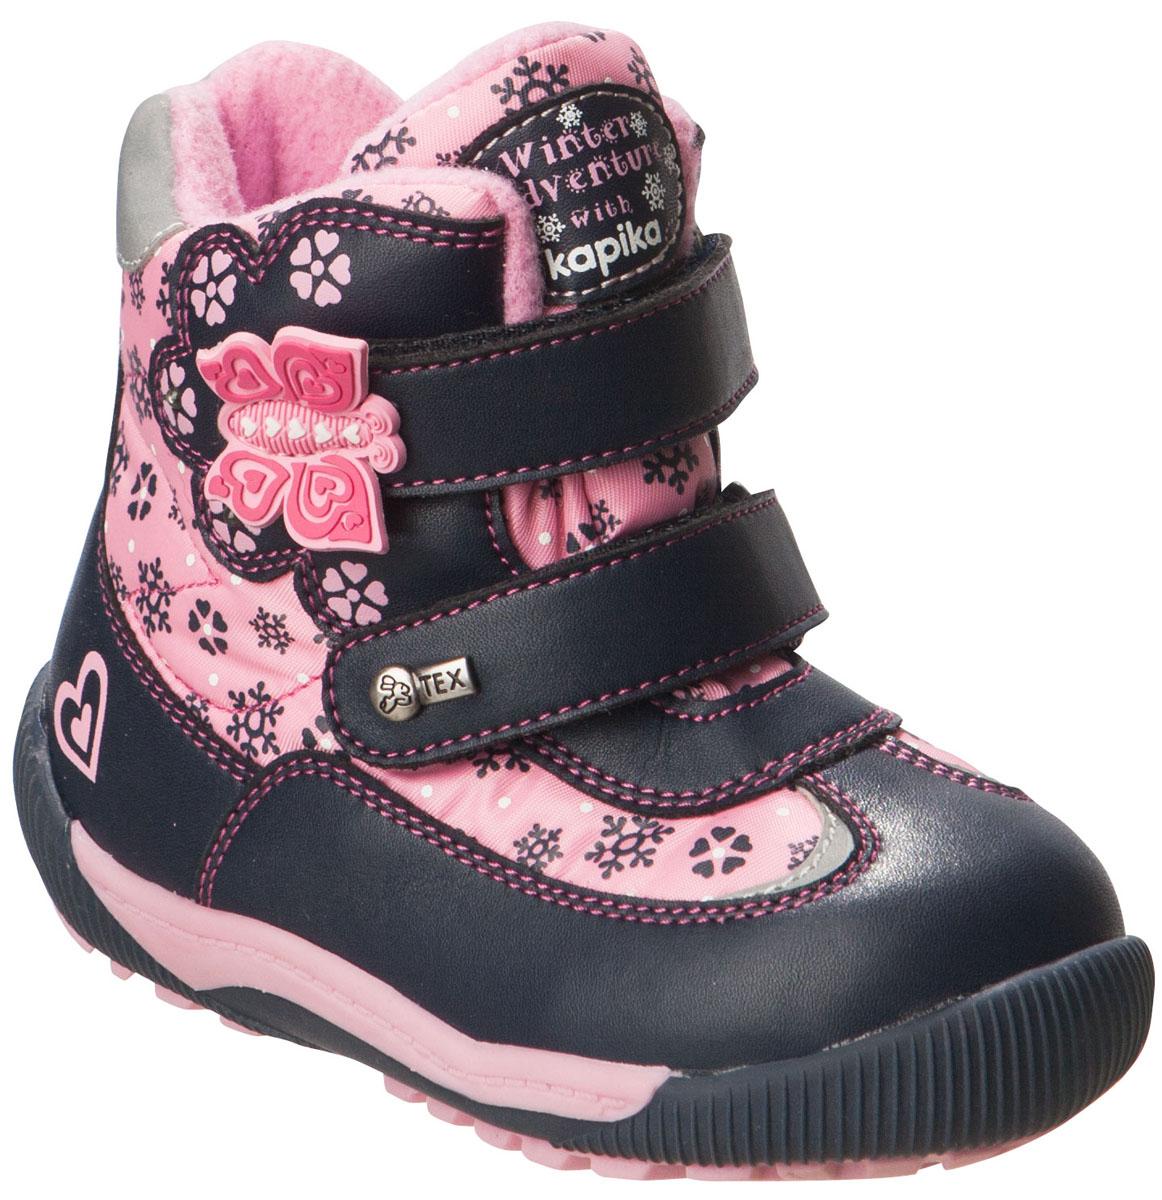 Ботинки для девочки Kapika, цвет: темно-синий, розовый. 41154-1. Размер 2641154-1Удобные высокие ботинки от Kapika придутся по душе вашей дочурке!Модель изготовлена из искусственной кожи и плотного текстиля с применением мембраны. Мембранная обувь называется дышащей, защищает от влаги, своевременно отводит естественные испарения тела и сохраняет комфортный микроклимат при ношении.Изделие оформлено принтом с изображением снежинок и цветов, прострочкой, на язычке - фирменной нашивкой, на ремешках - объёмной аппликацией из ПВХ виде бабочки и металлическим элементом логотипа бренда. Два ремешка на застежках-липучках надежно фиксируют изделие на ноге. Мягкая подкладка и стелька исполненные из текстиля, на 80% состоящего из натурального овечьего шерстяного меха, обеспечивают тепло и надежно защищают от холода. Рифление на подошве гарантирует идеальное сцепление с любыми поверхностями.Стильные ботинки займут достойное место в гардеробе вашего ребенка, они идеально подойдут для теплой зимы, а также поздней осени и ранней весны.